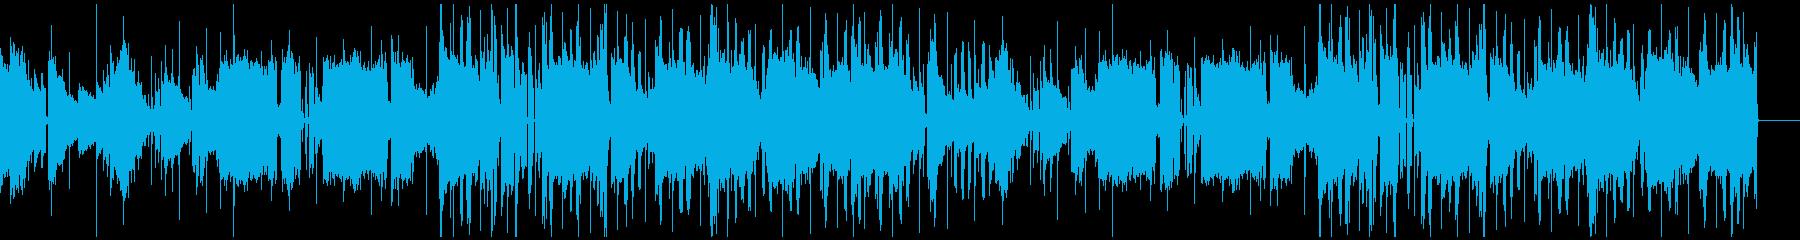 チルなシーンに使えるオシャレなBGMの再生済みの波形